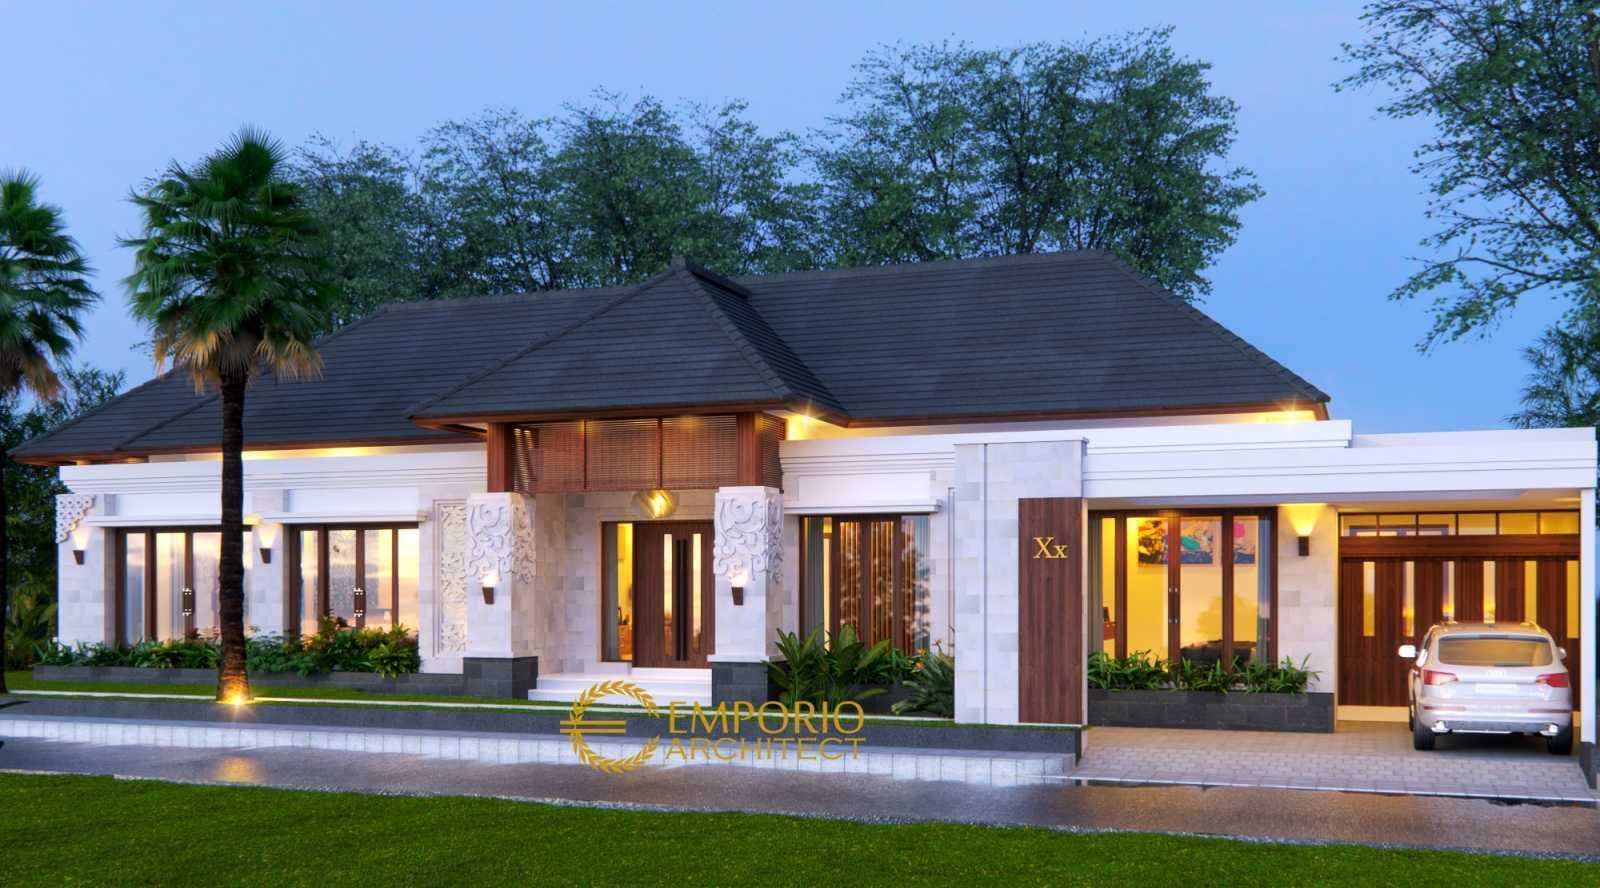 Emporio Architect Jasa Arsitek Desain Rumah Villa Bali Tropis 617 @ Aceh Aceh, Indonesia Aceh, Indonesia Emporio-Architect-Jasa-Arsitek-Desain-Rumah-Villa-Bali-Tropis-617-Aceh Tropical 77874